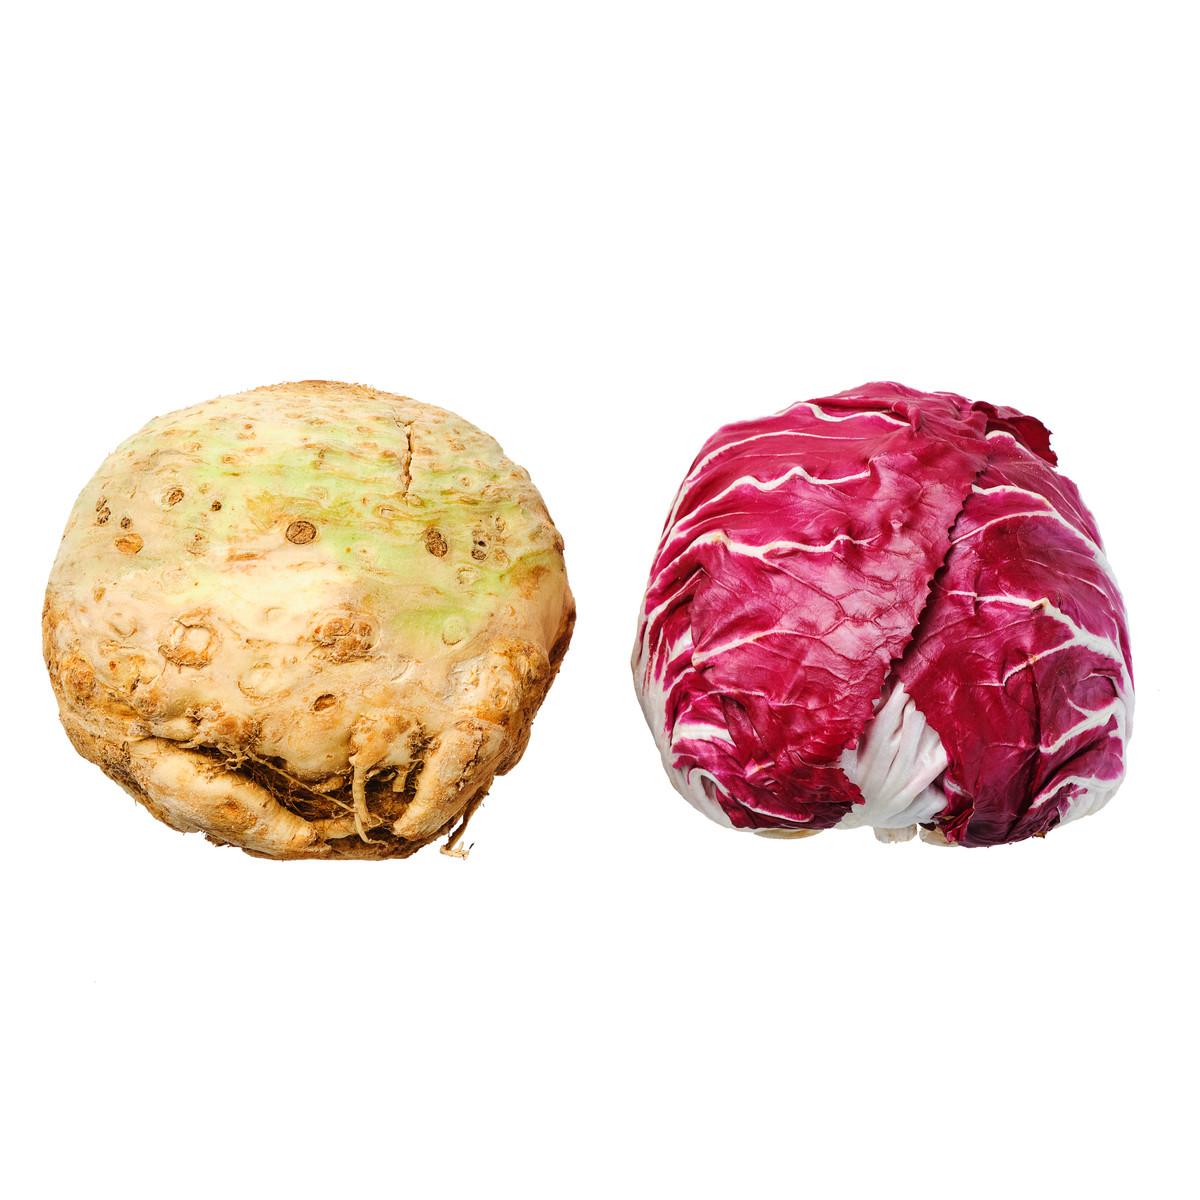 20200228_Gemüse:Obst_Freisteller_34.jpg